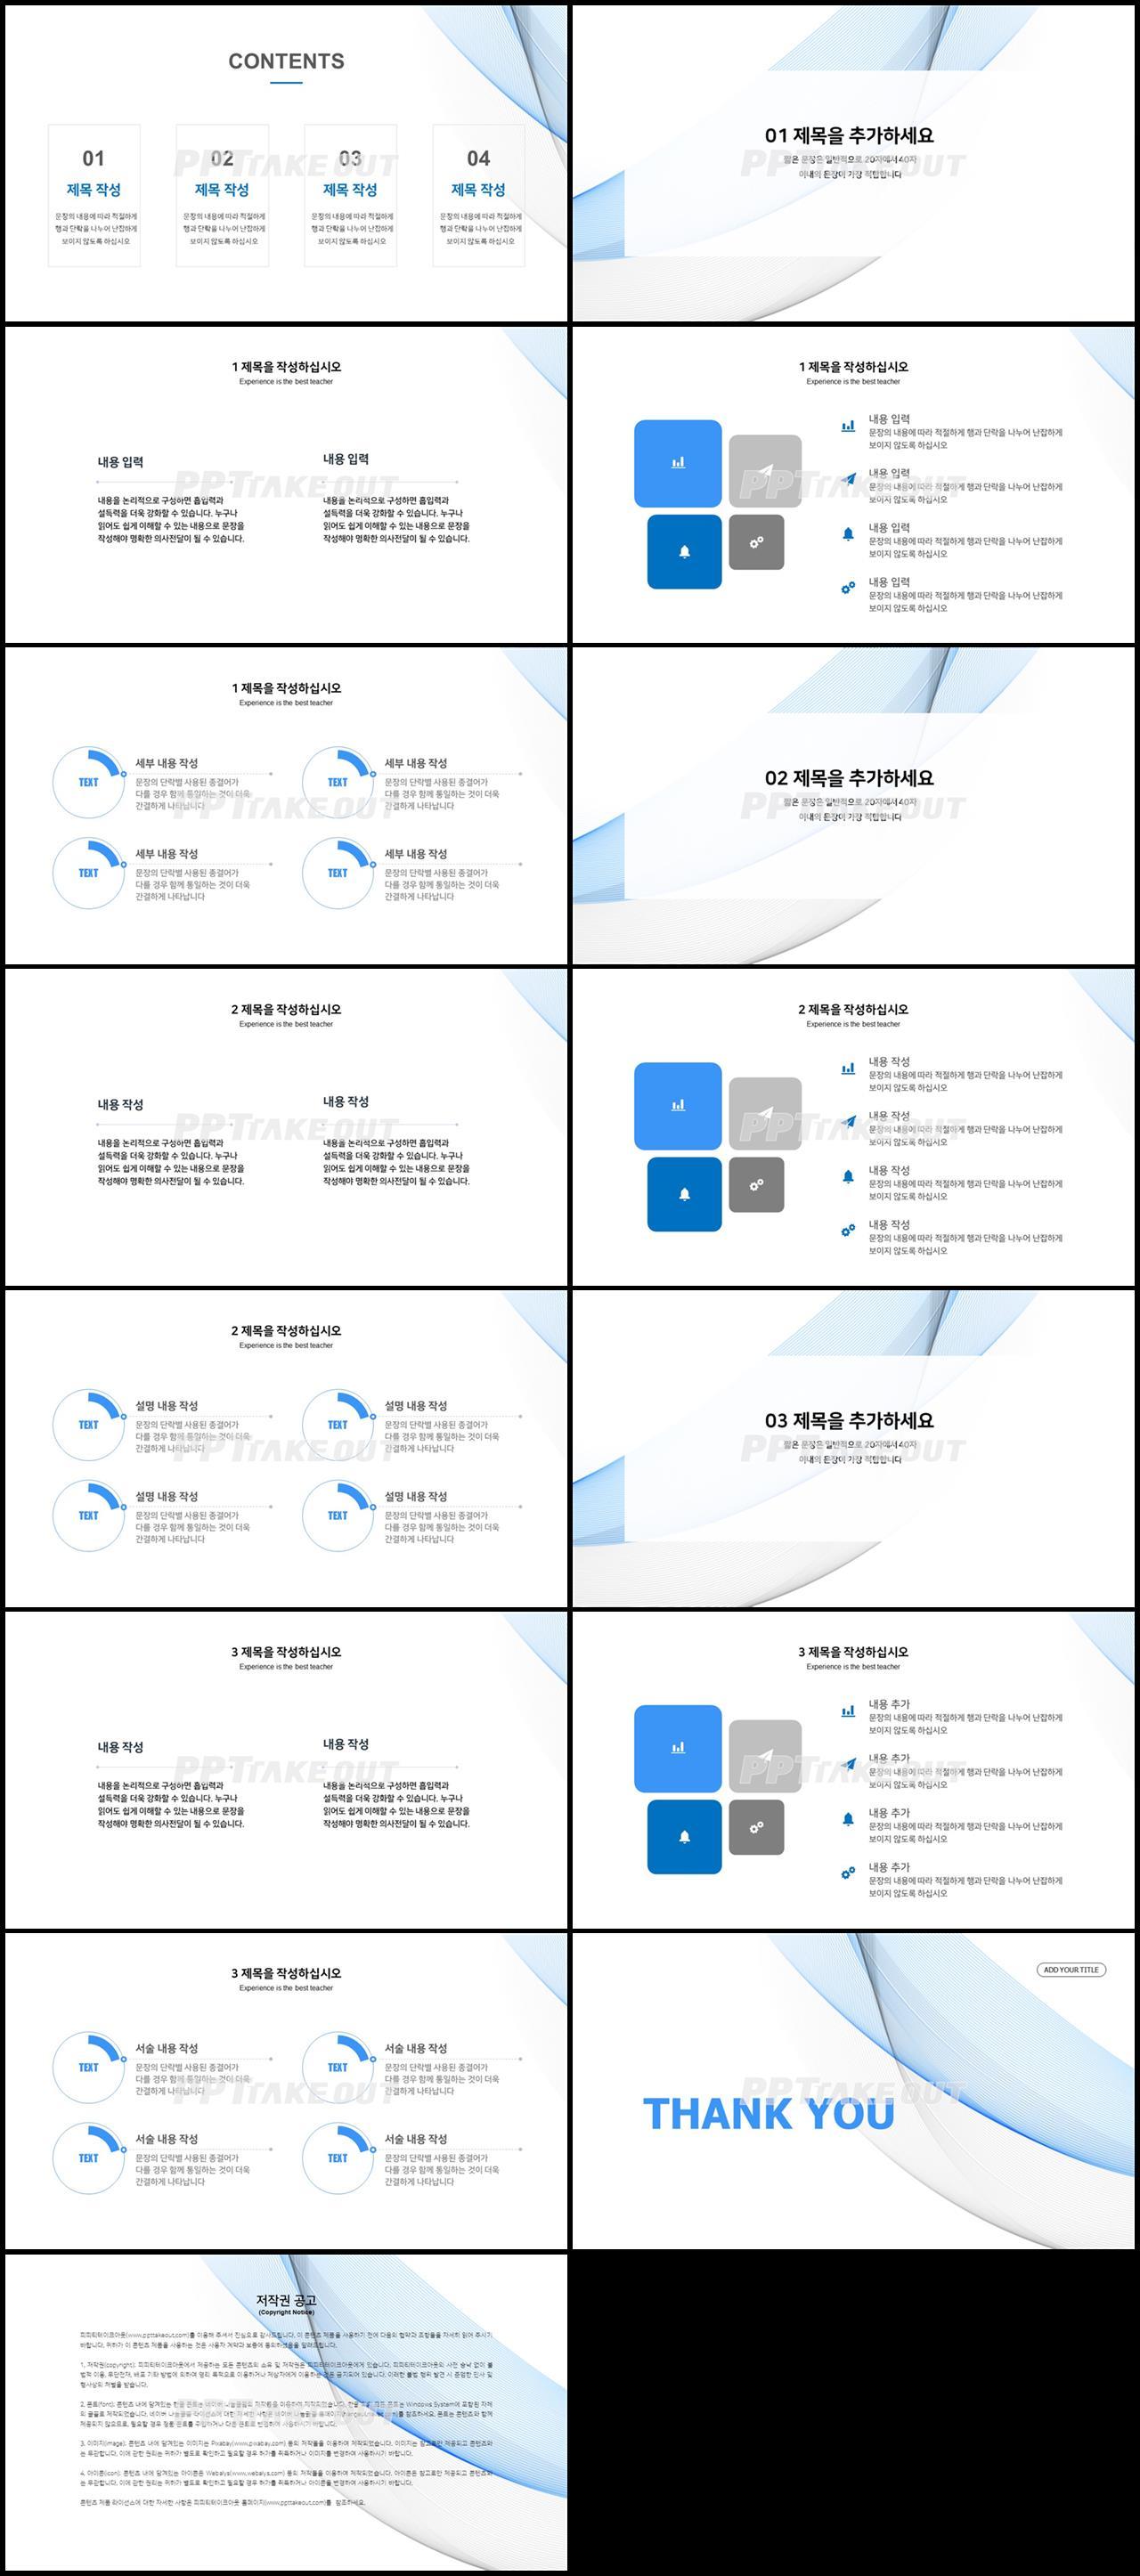 상업계획 보라색 심플한 프로급 피피티템플릿 사이트 상세보기